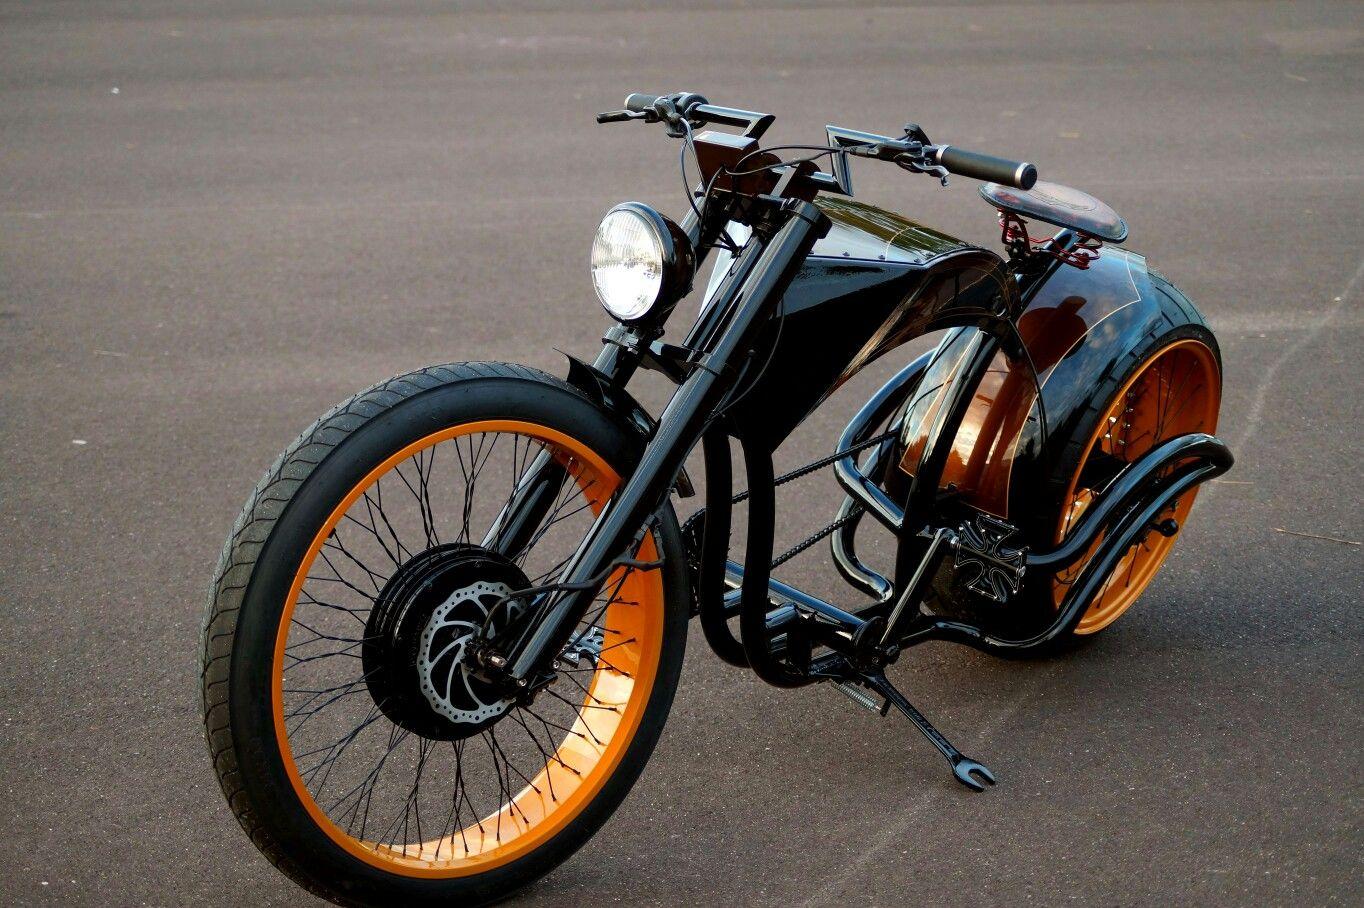 Pin von tom arnold auf Bike | Pinterest | Retro-Fahrräder, Fahrräder ...